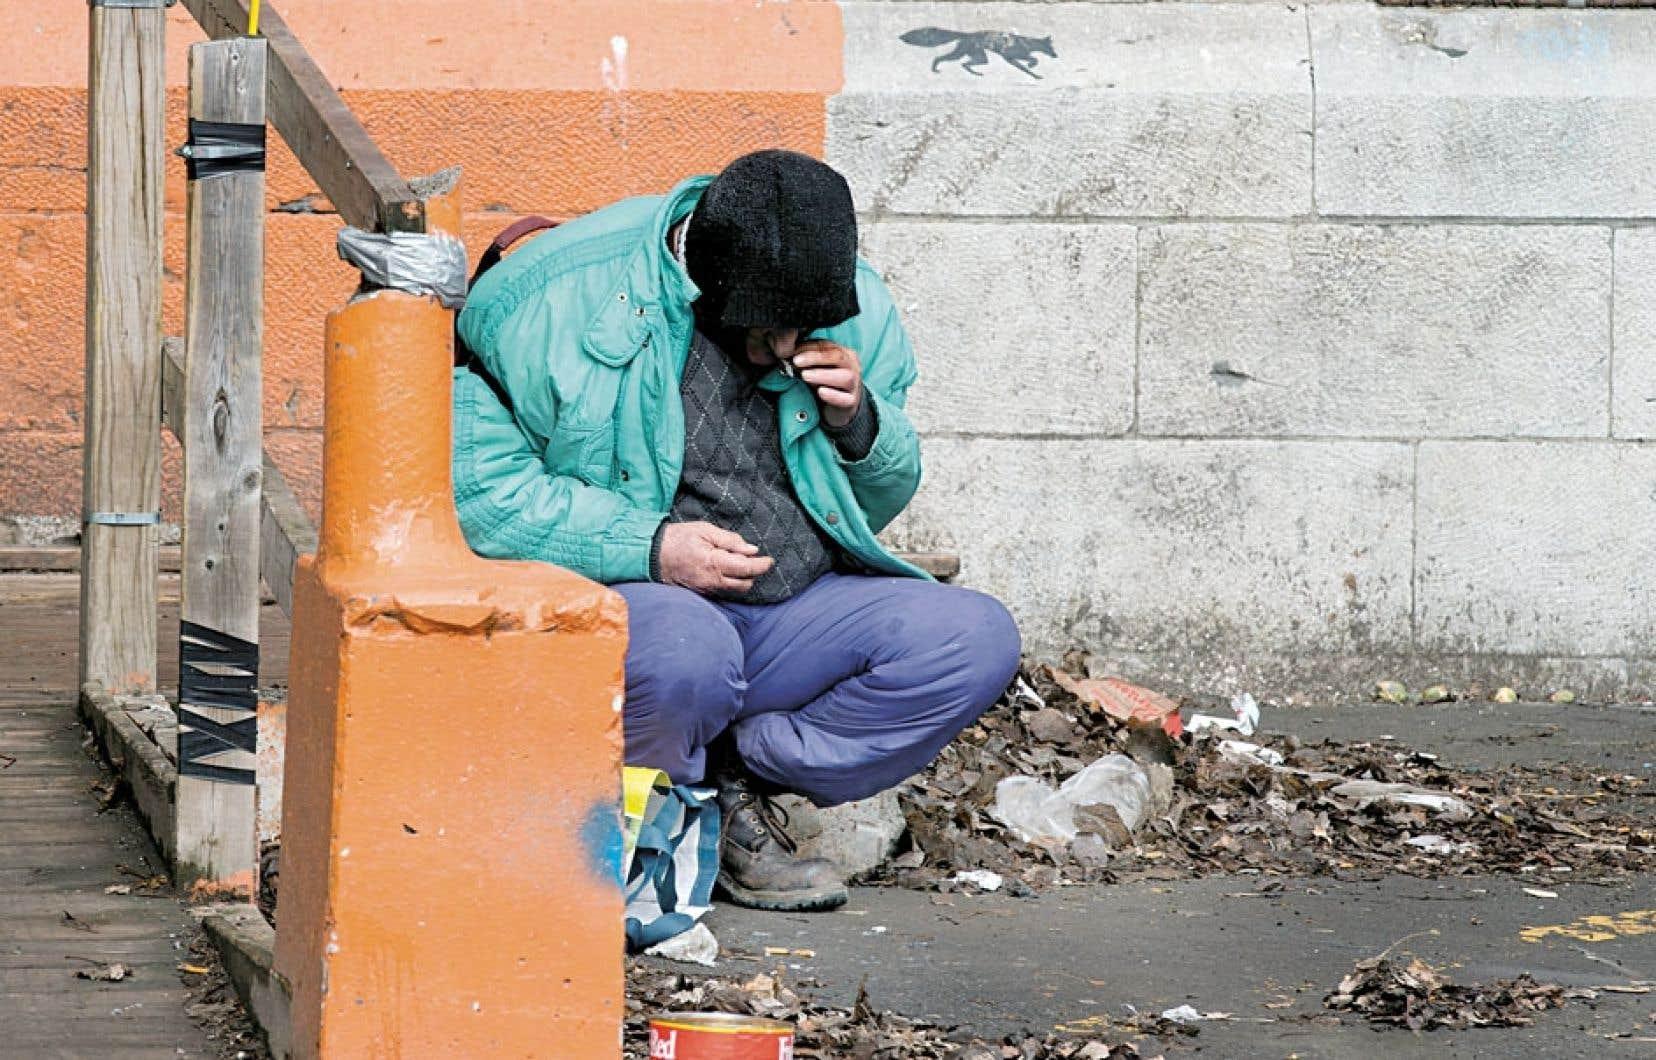 Aux abords du Centre social Centre-Sud (CSCS), dans un quartier pauvre de Montréal, un homme tire avidement sur sa cigarette, laissant peu de doute quant à l'ampleur de ses besoins. Le CSCS, comme cinq autres centres d'éducation populaire de Montréal, craint pour sa survie.